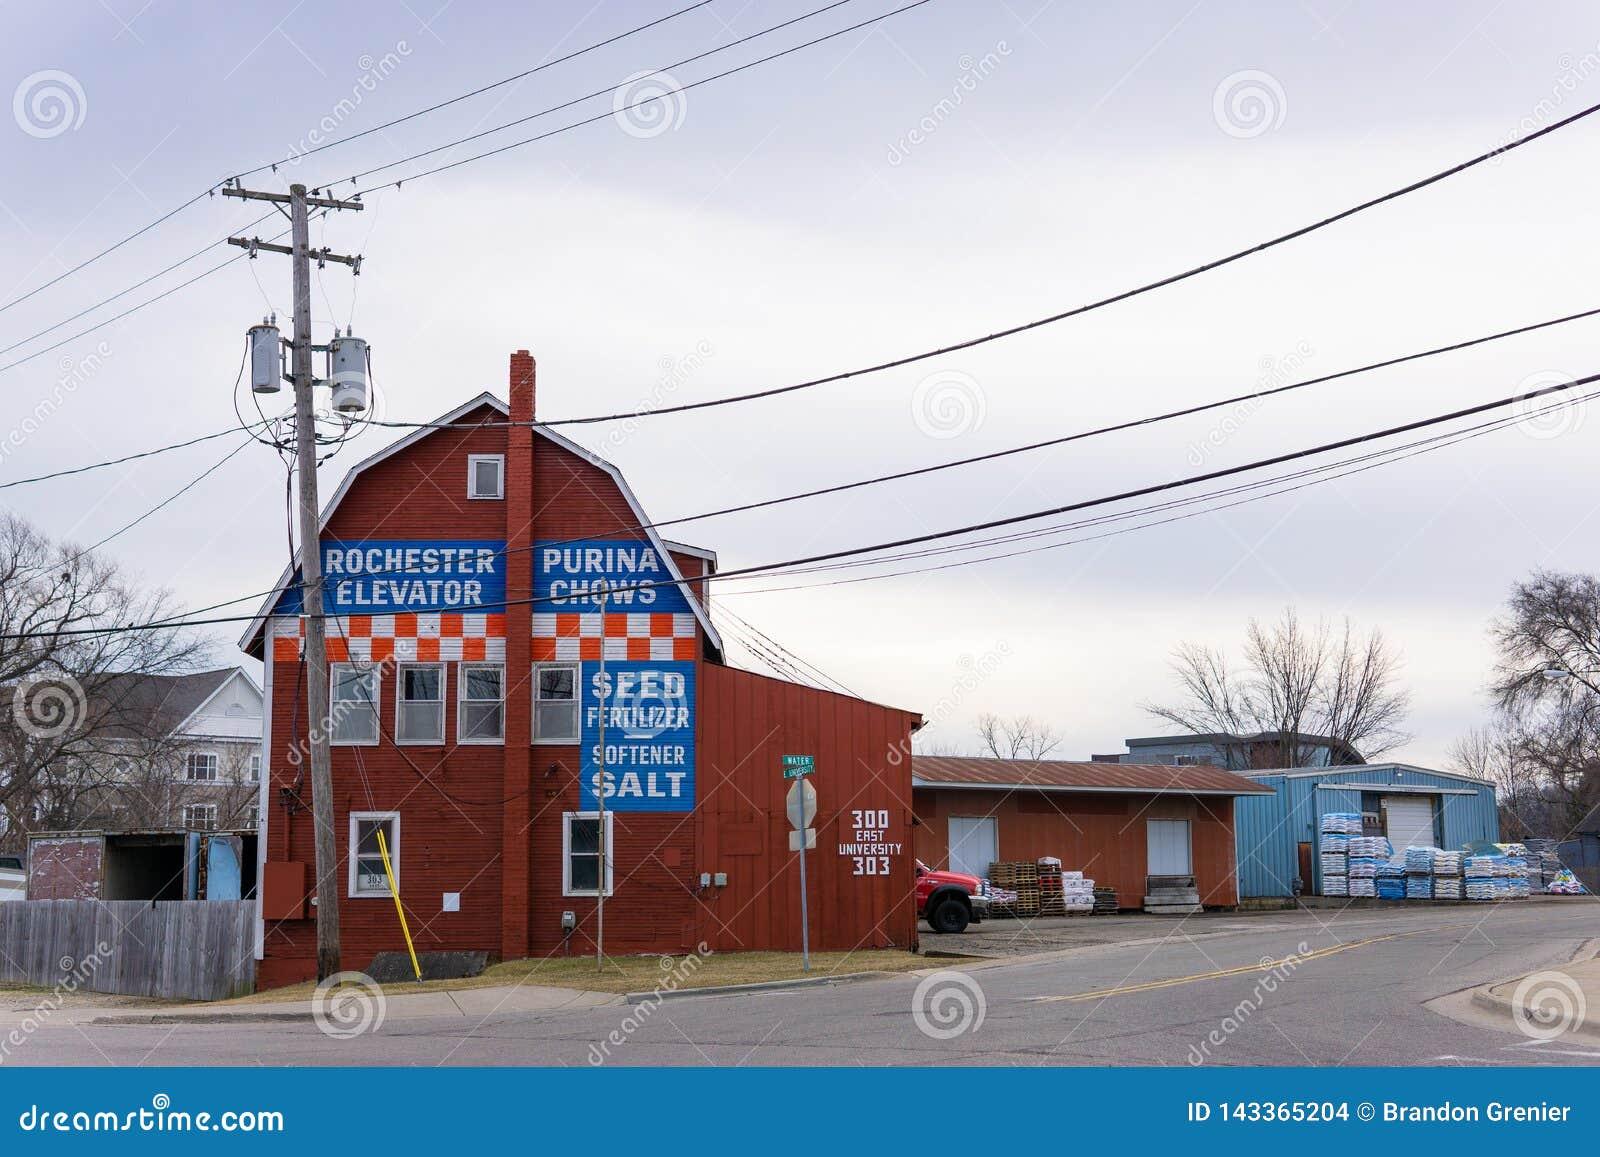 Elevador de grano de Rochester